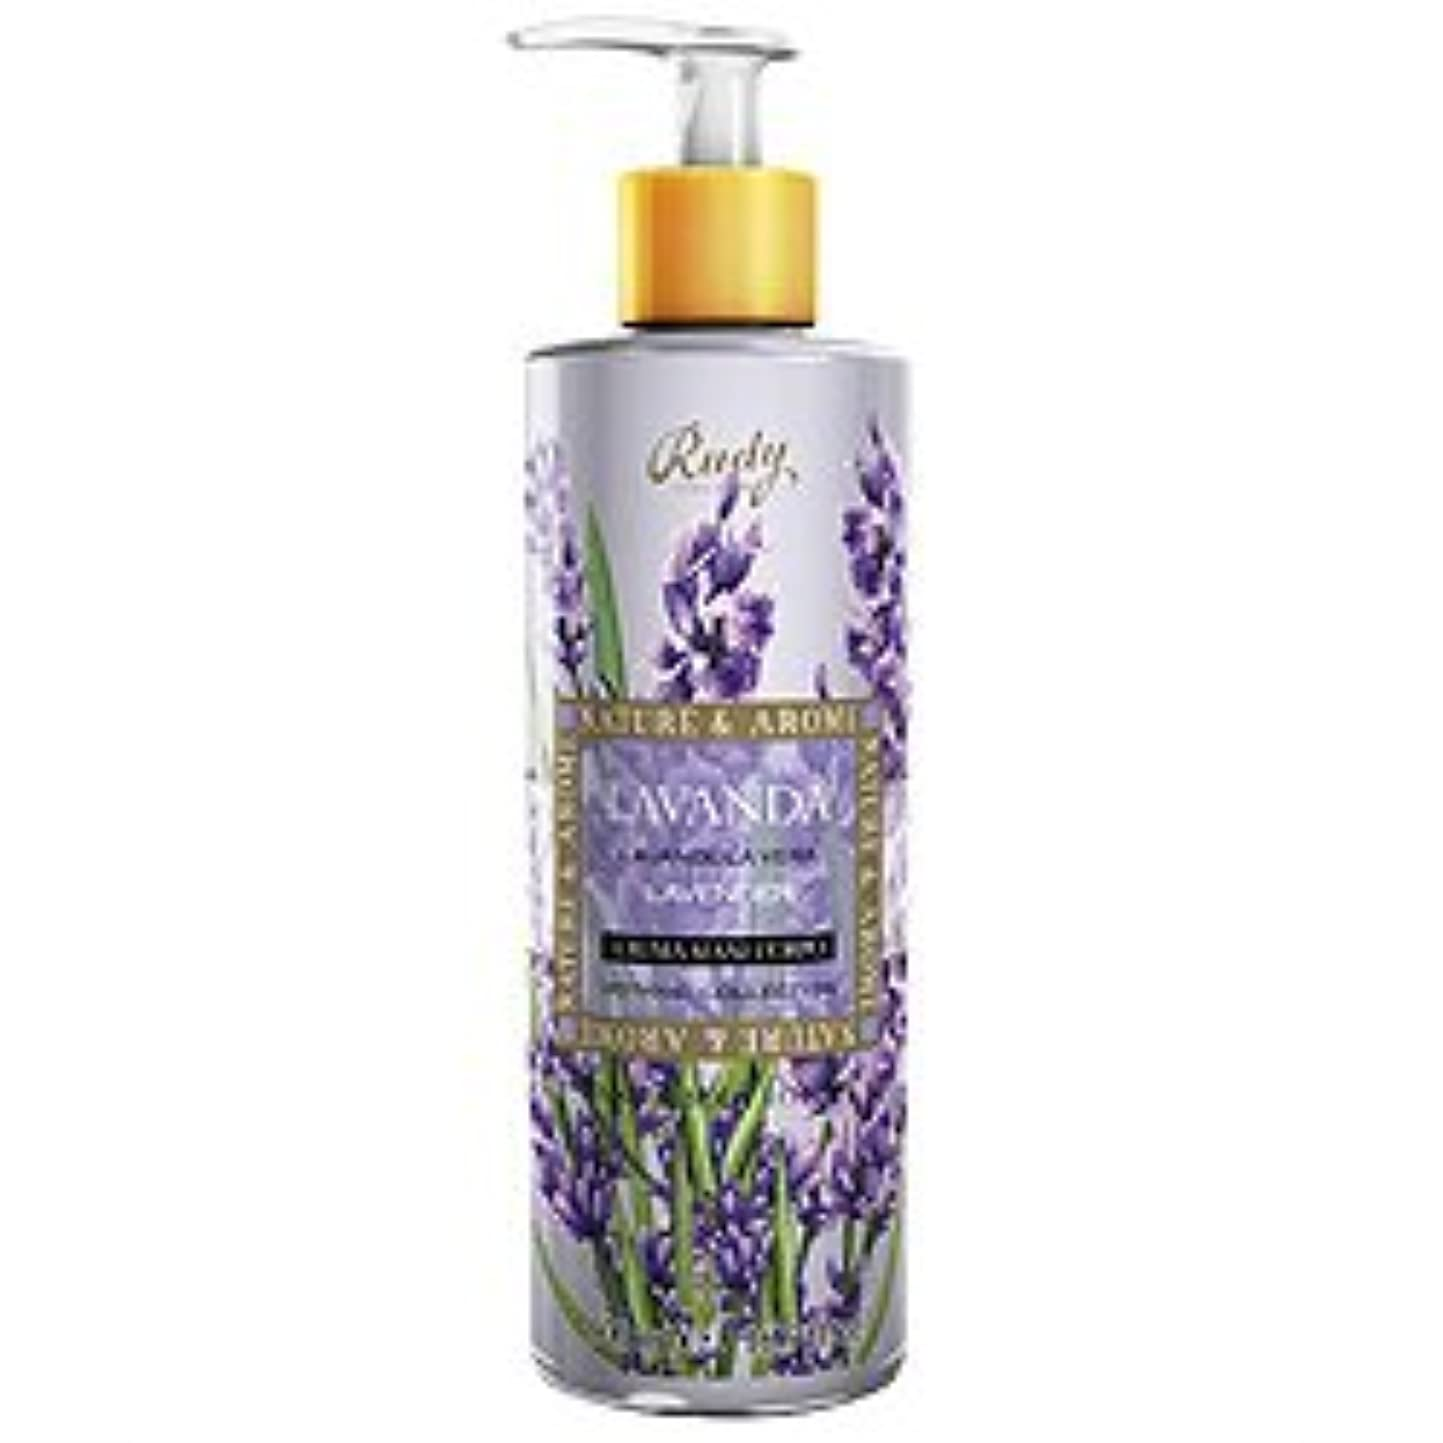 ボーカルスツールファシズムルディ(Rudy) ナチュール&アロマ ハンド&ボディローション ラベンダー 500ml 【並行輸入品】 RUDY Nature&Arome SERIES Hand&Body lotion Lavender